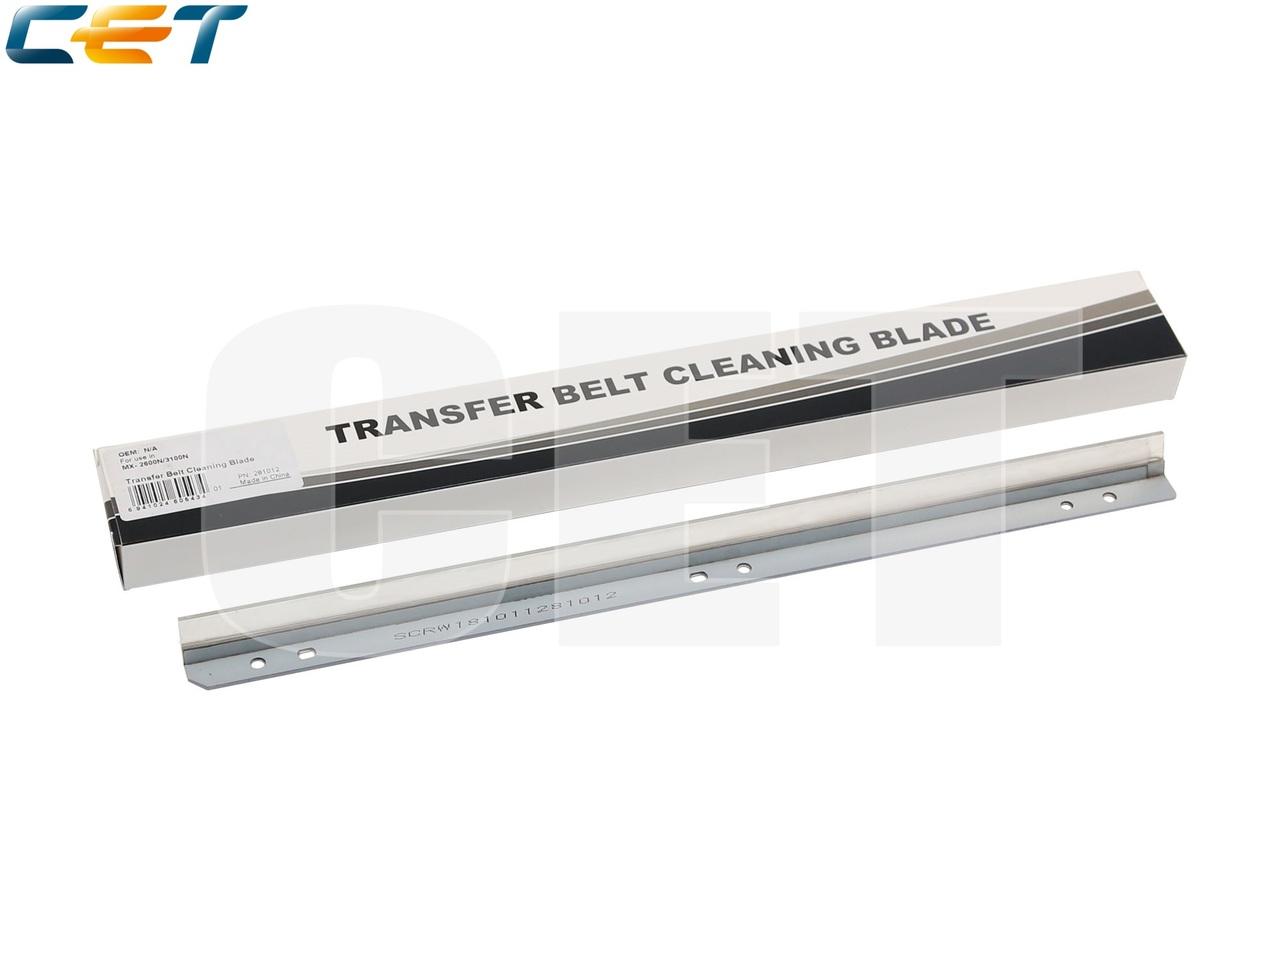 Лезвие очистки ленты переноса для SHARPMX-4100N/4101N/5001N/3100N (CET), CET281012